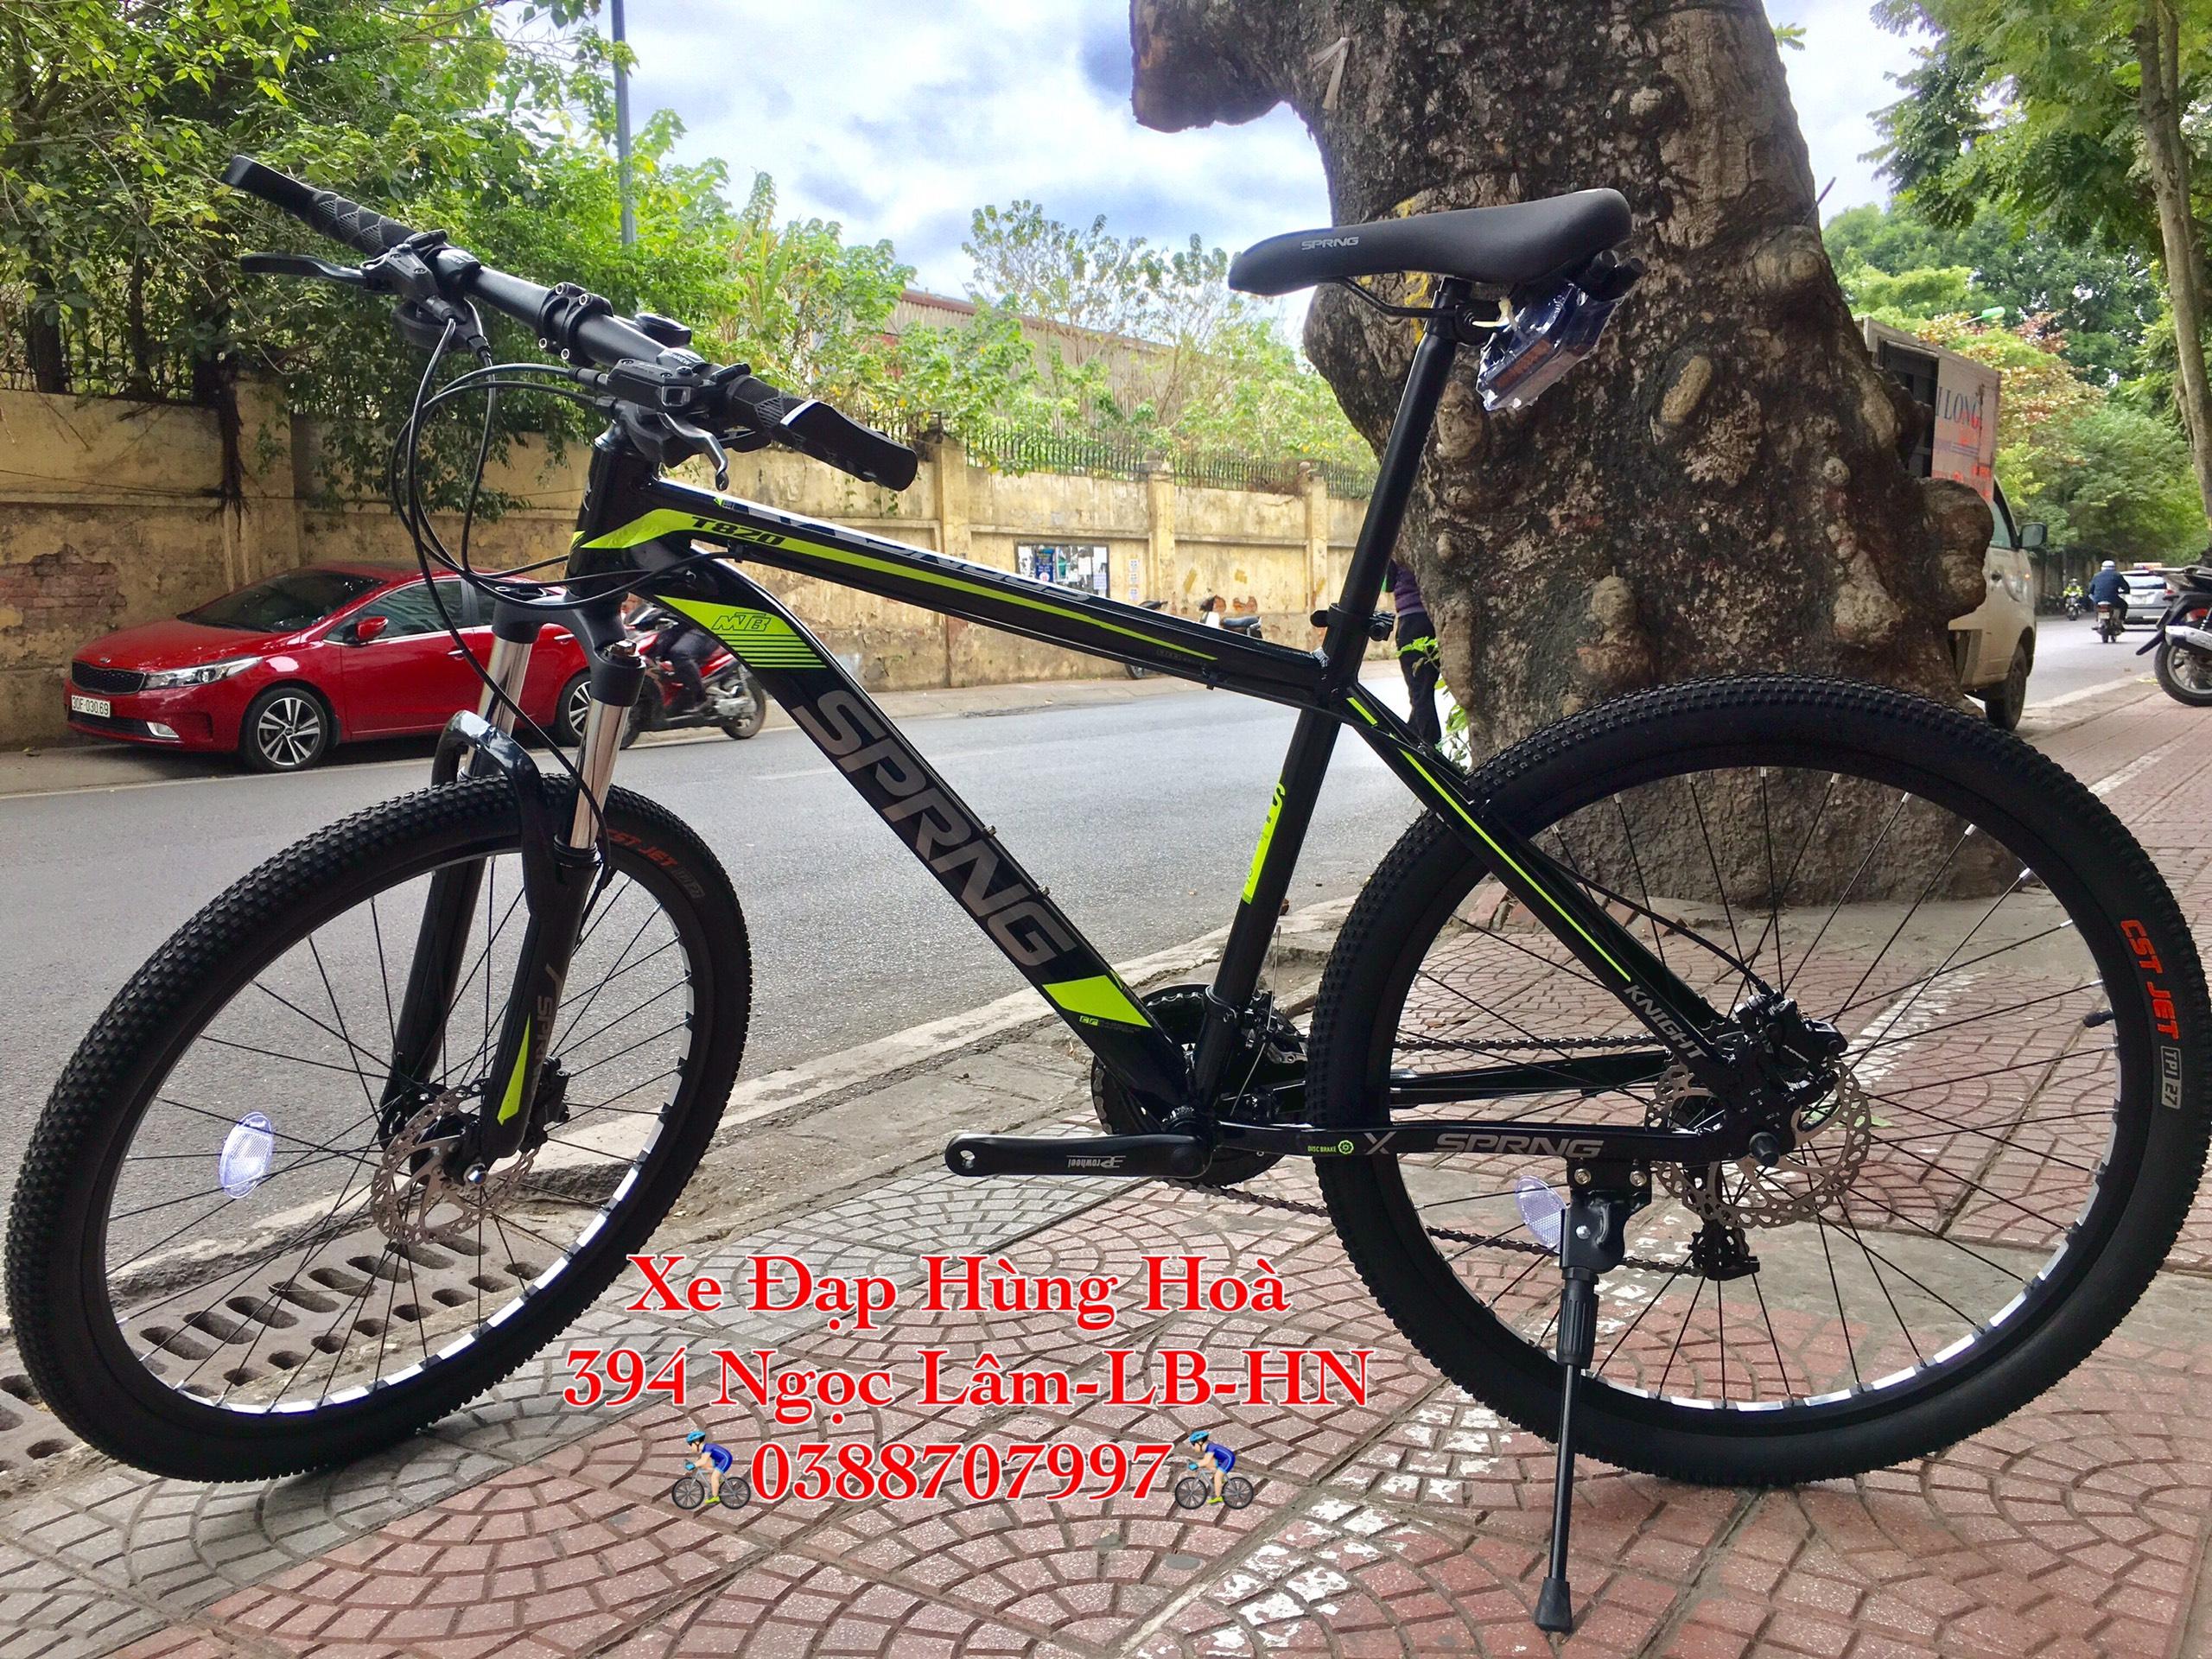 Mua Xe đạp thể thao cao cấp SPRNG Phanh Dầu Khung Nhôm Xách Tay